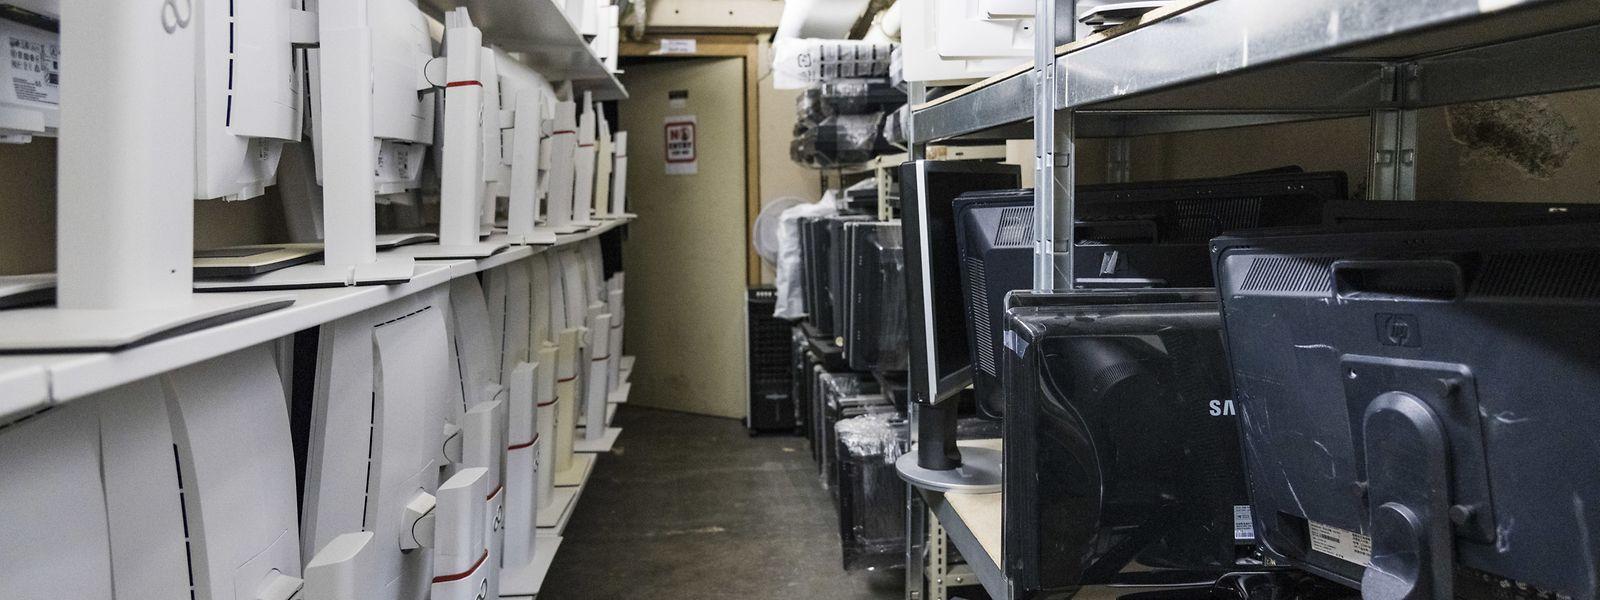 Im Keller von Digital Inclusion warten viele gebrauchte Geräte nur darauf, instand gesetzt zu werden.